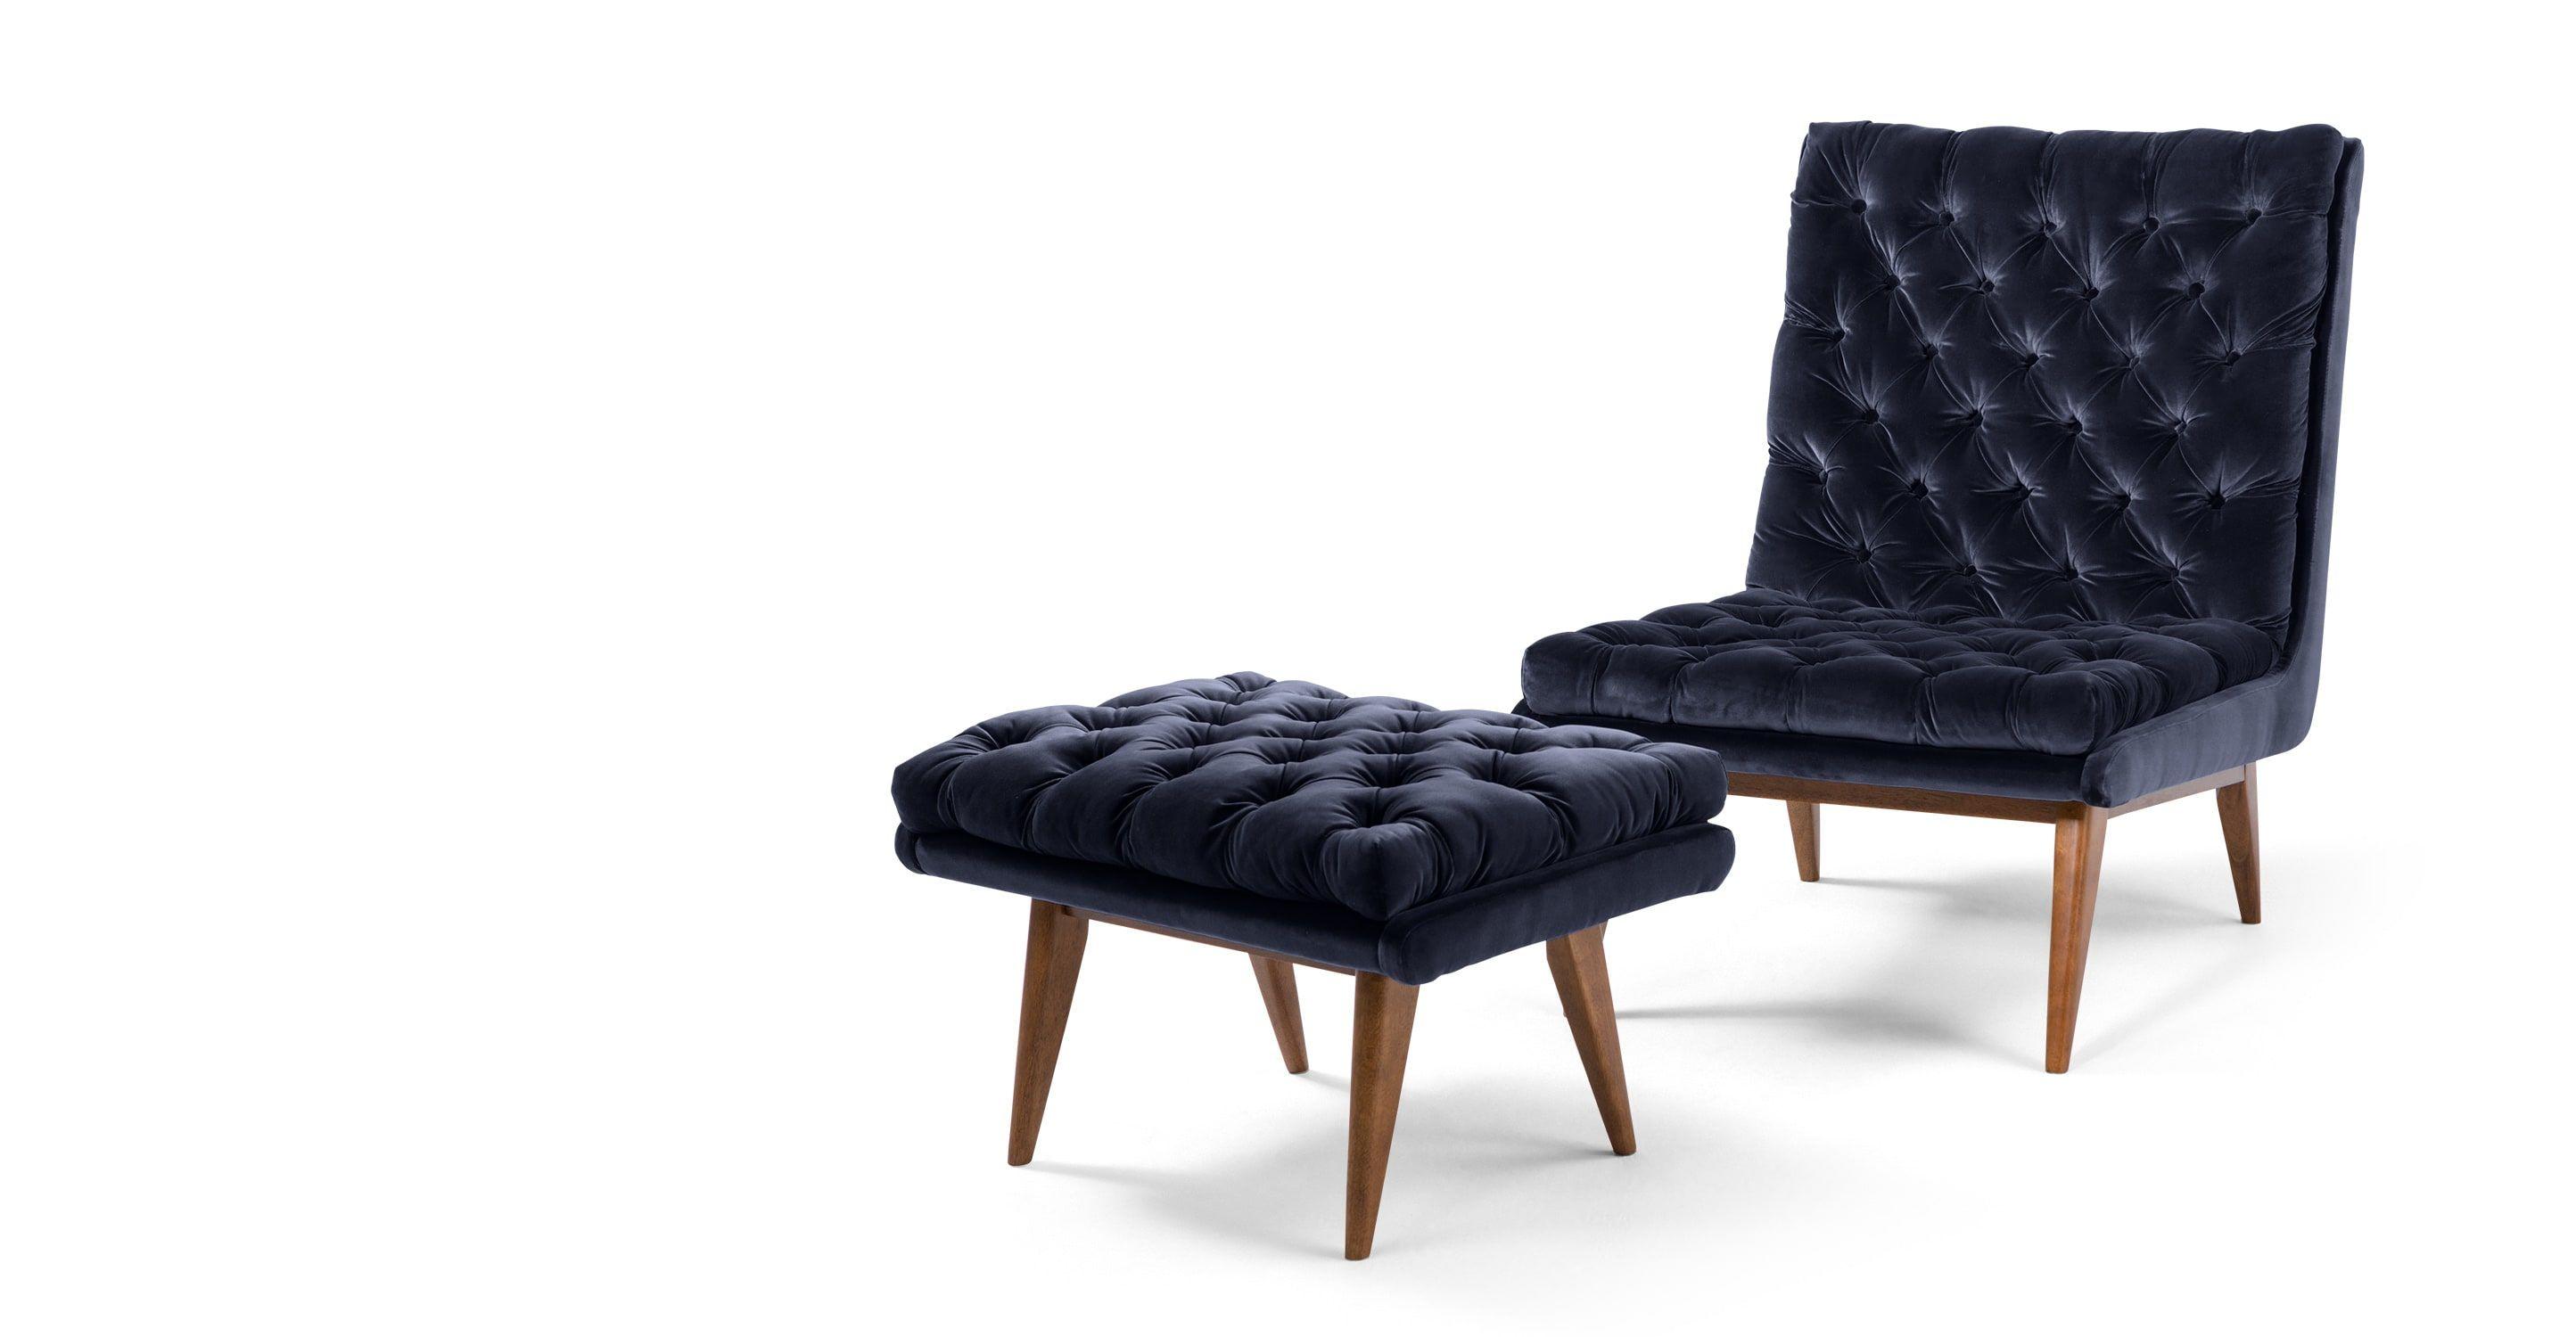 Spectre un fauteuil et repose pieds velours de coton bleu marine